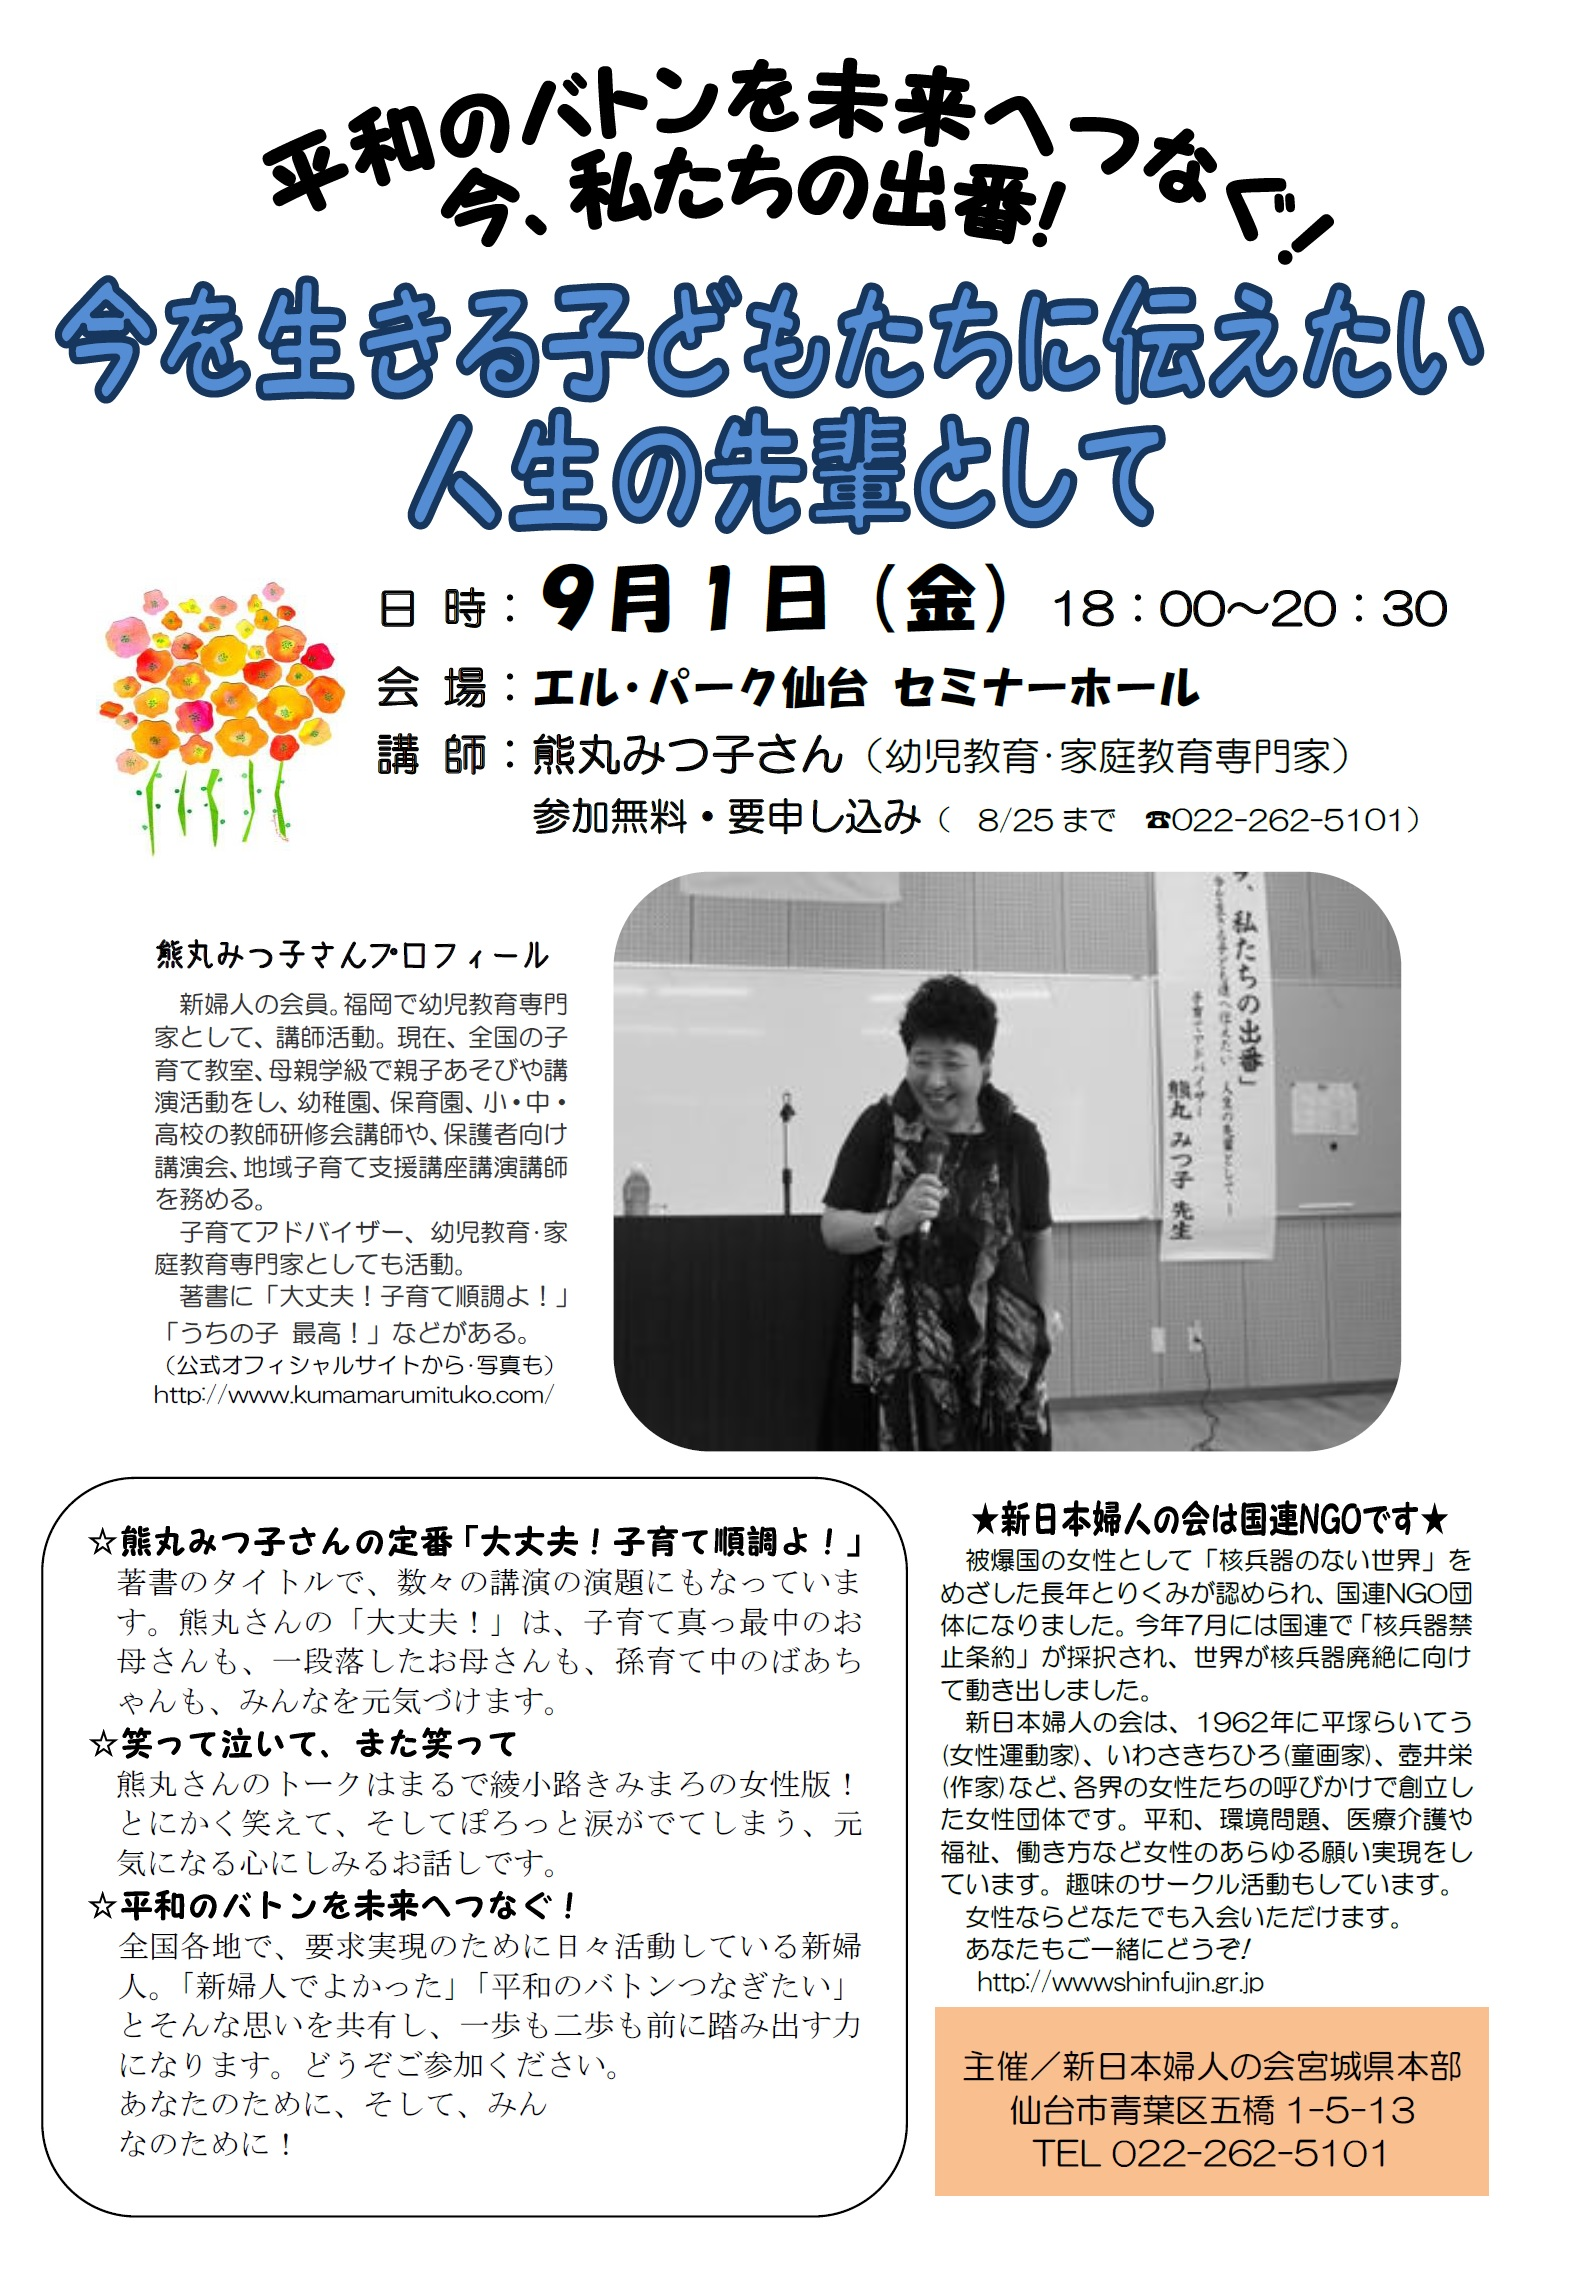 熊丸2017仙台夜